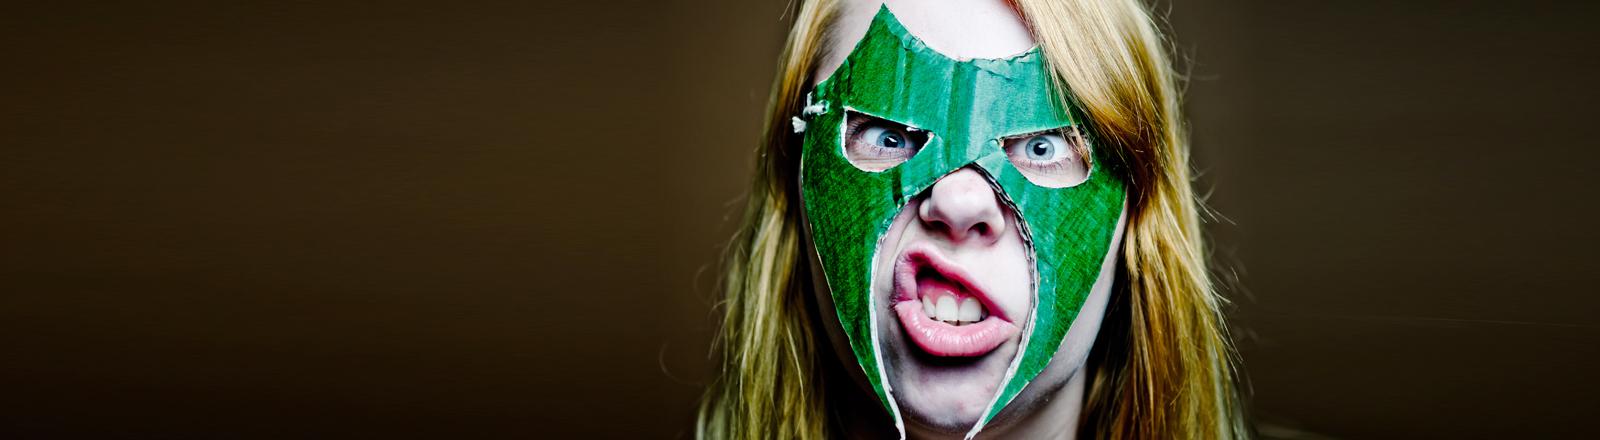 Mensch mit wütender Grimasse und grüner Maske vorm Gesicht